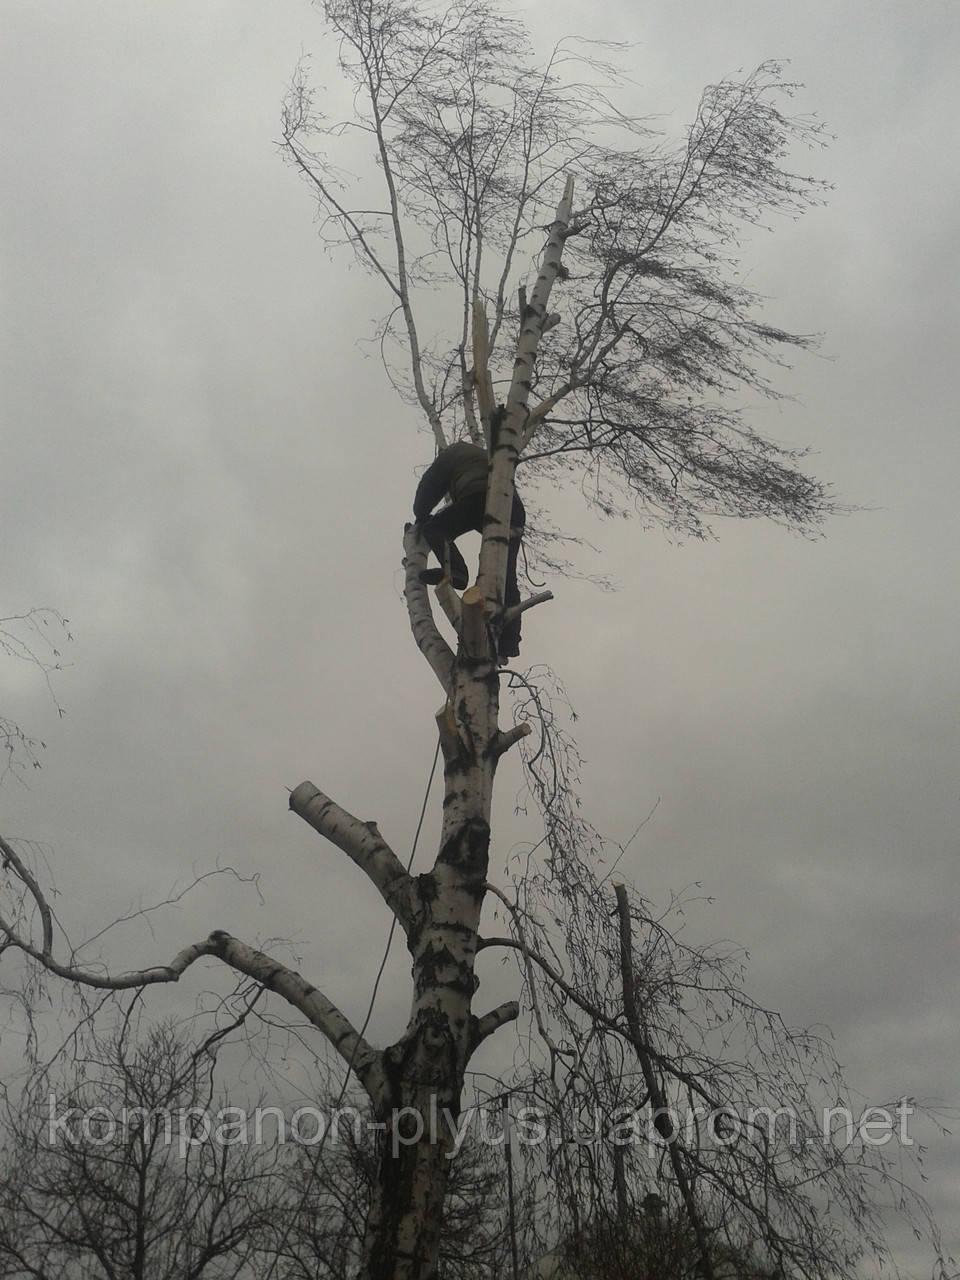 Удаление обрезка деревьев